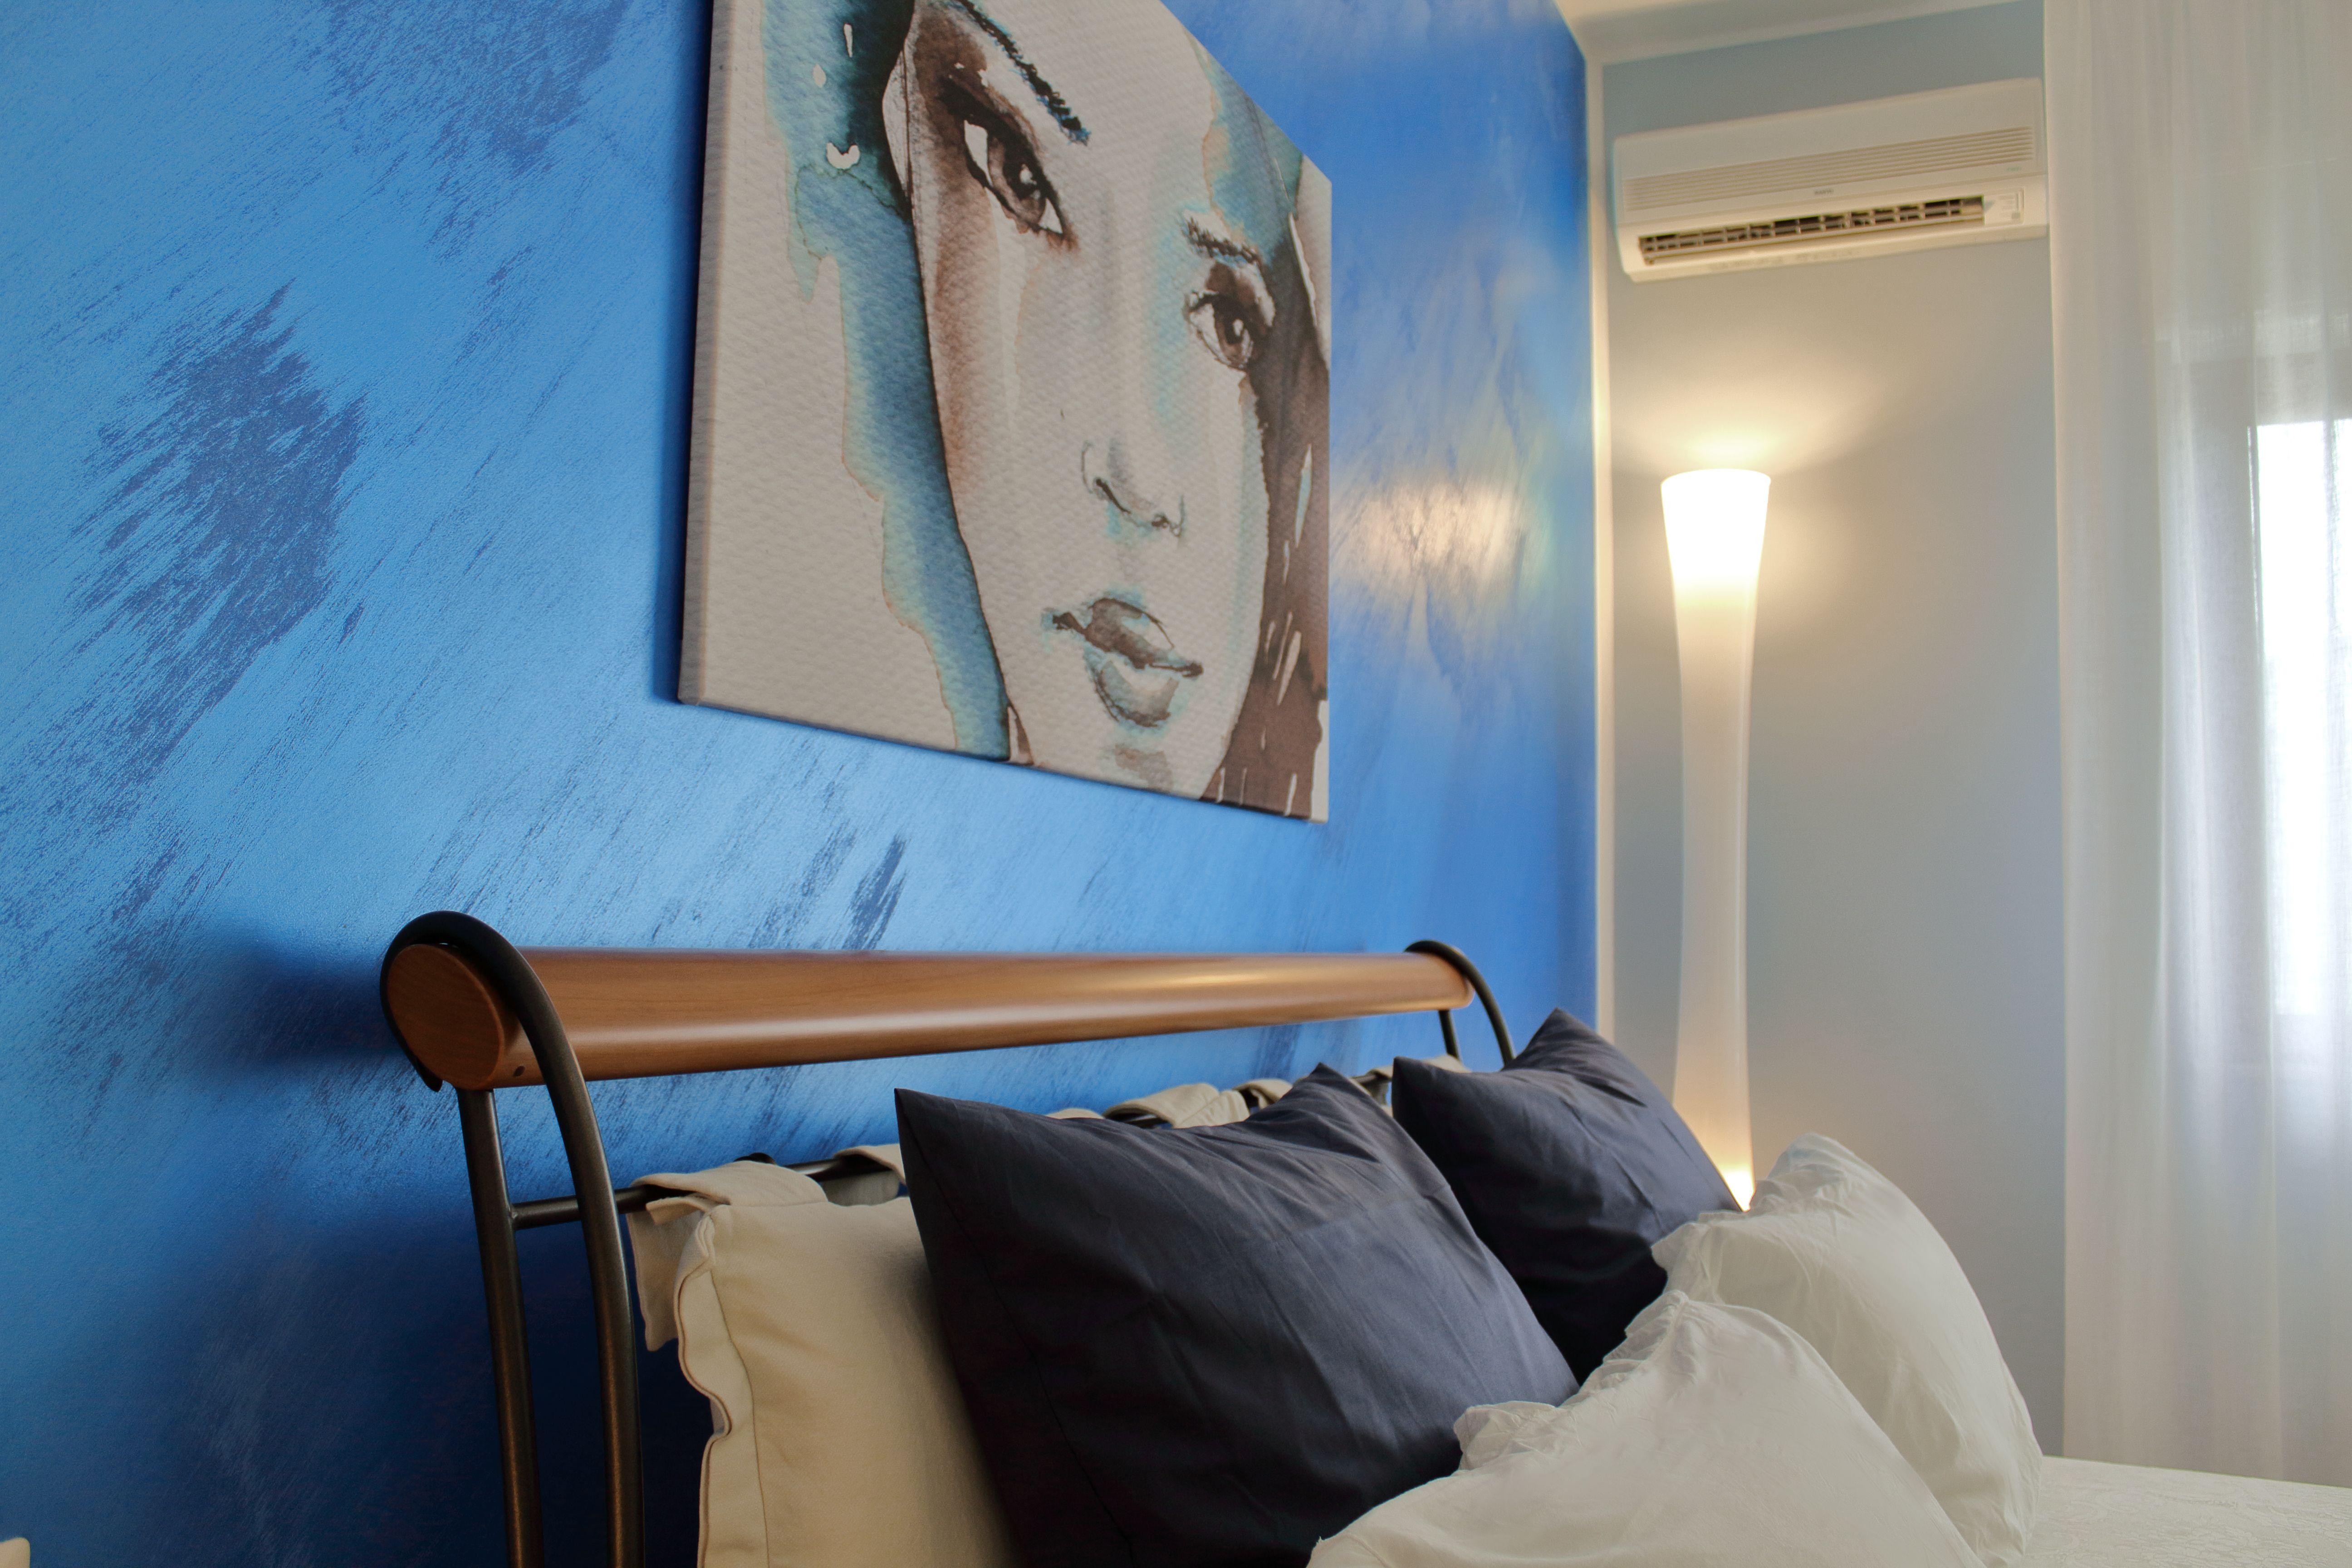 Camera da letto in stile moderno particolare illuminazione